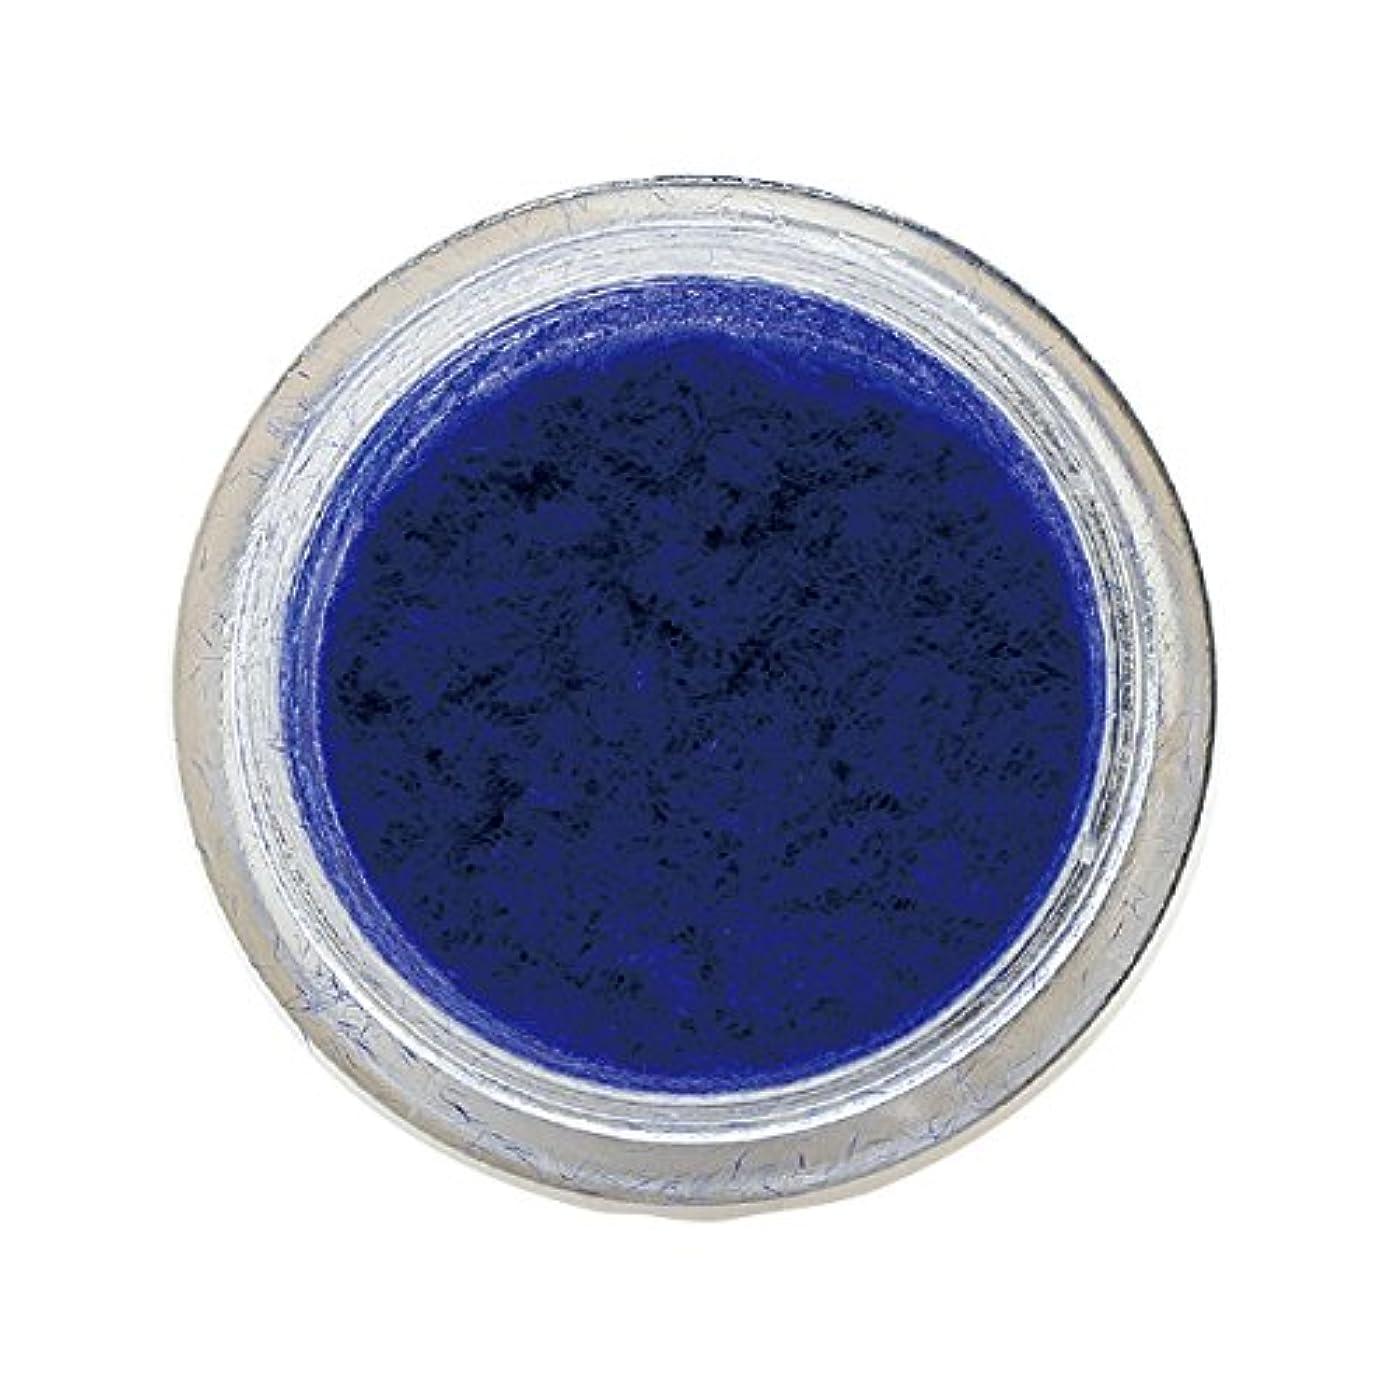 ベルベットネイル 1g ブルー